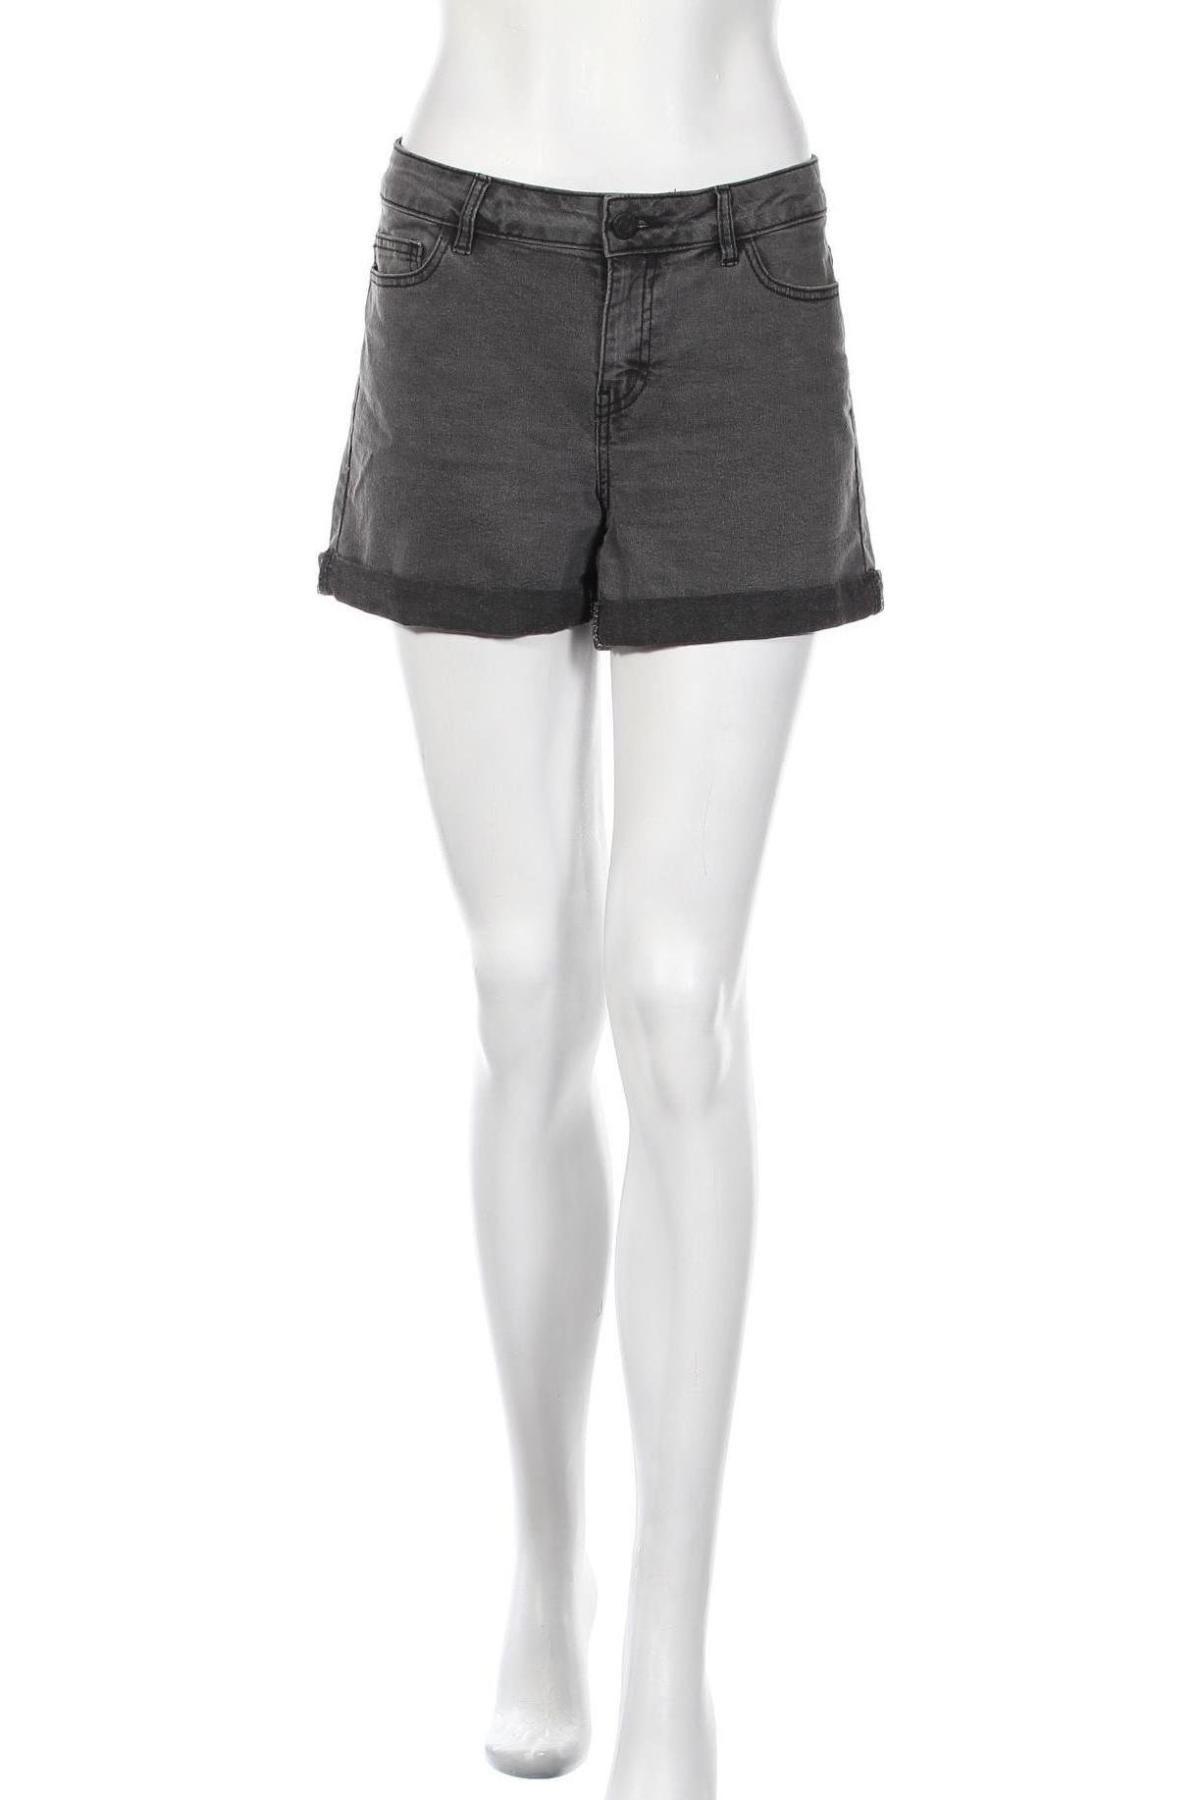 Γυναικείο κοντό παντελόνι Noisy May, Μέγεθος L, Χρώμα Γκρί, 79% βαμβάκι, 18% πολυεστέρας, 3% ελαστάνη, Τιμή 12,63€